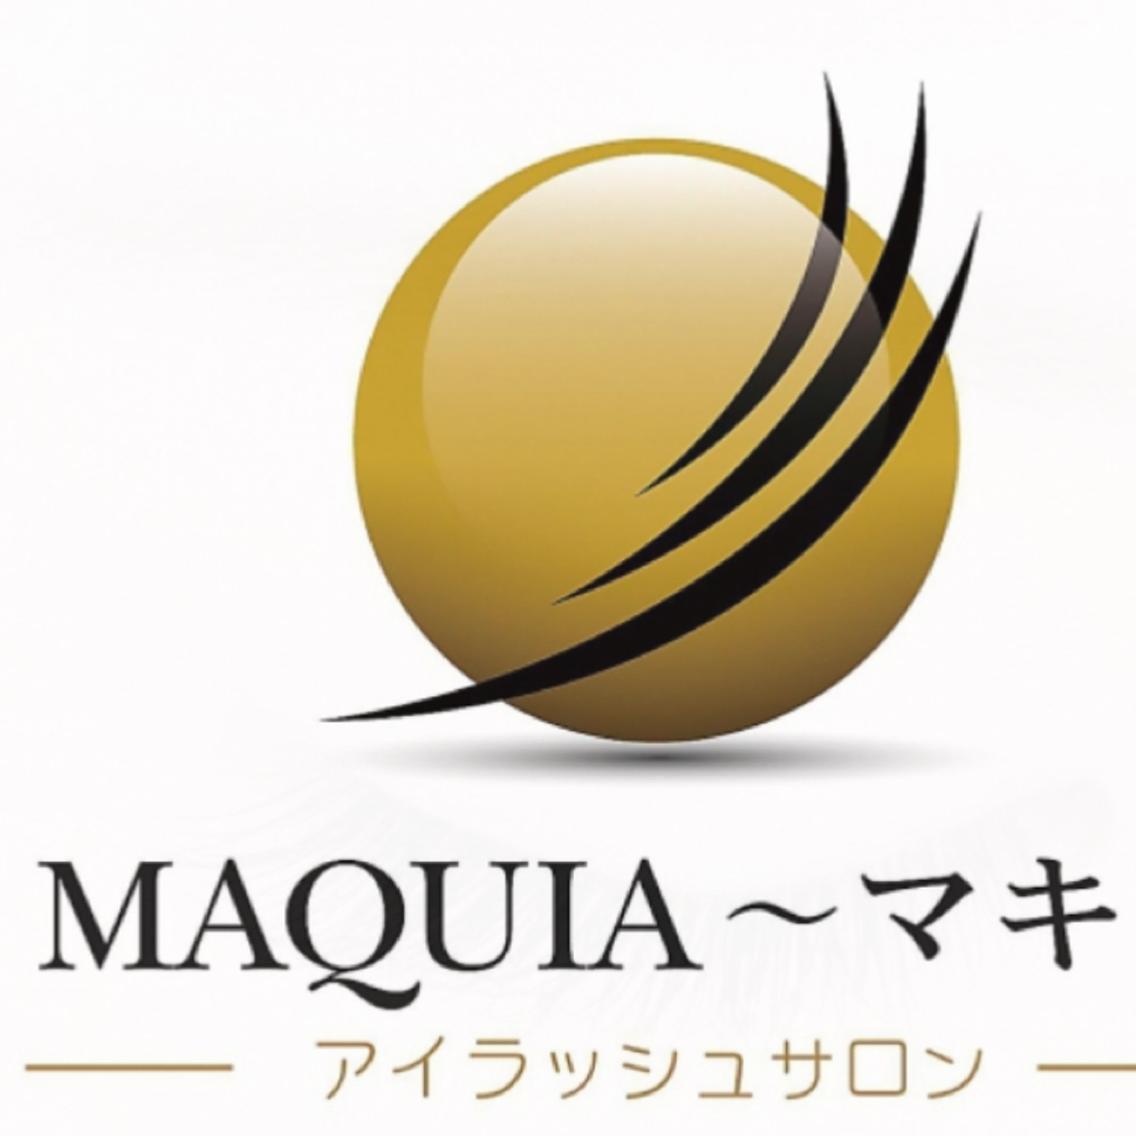 MAQUIA彦根店所属・MAQUIA彦根店 上野の掲載